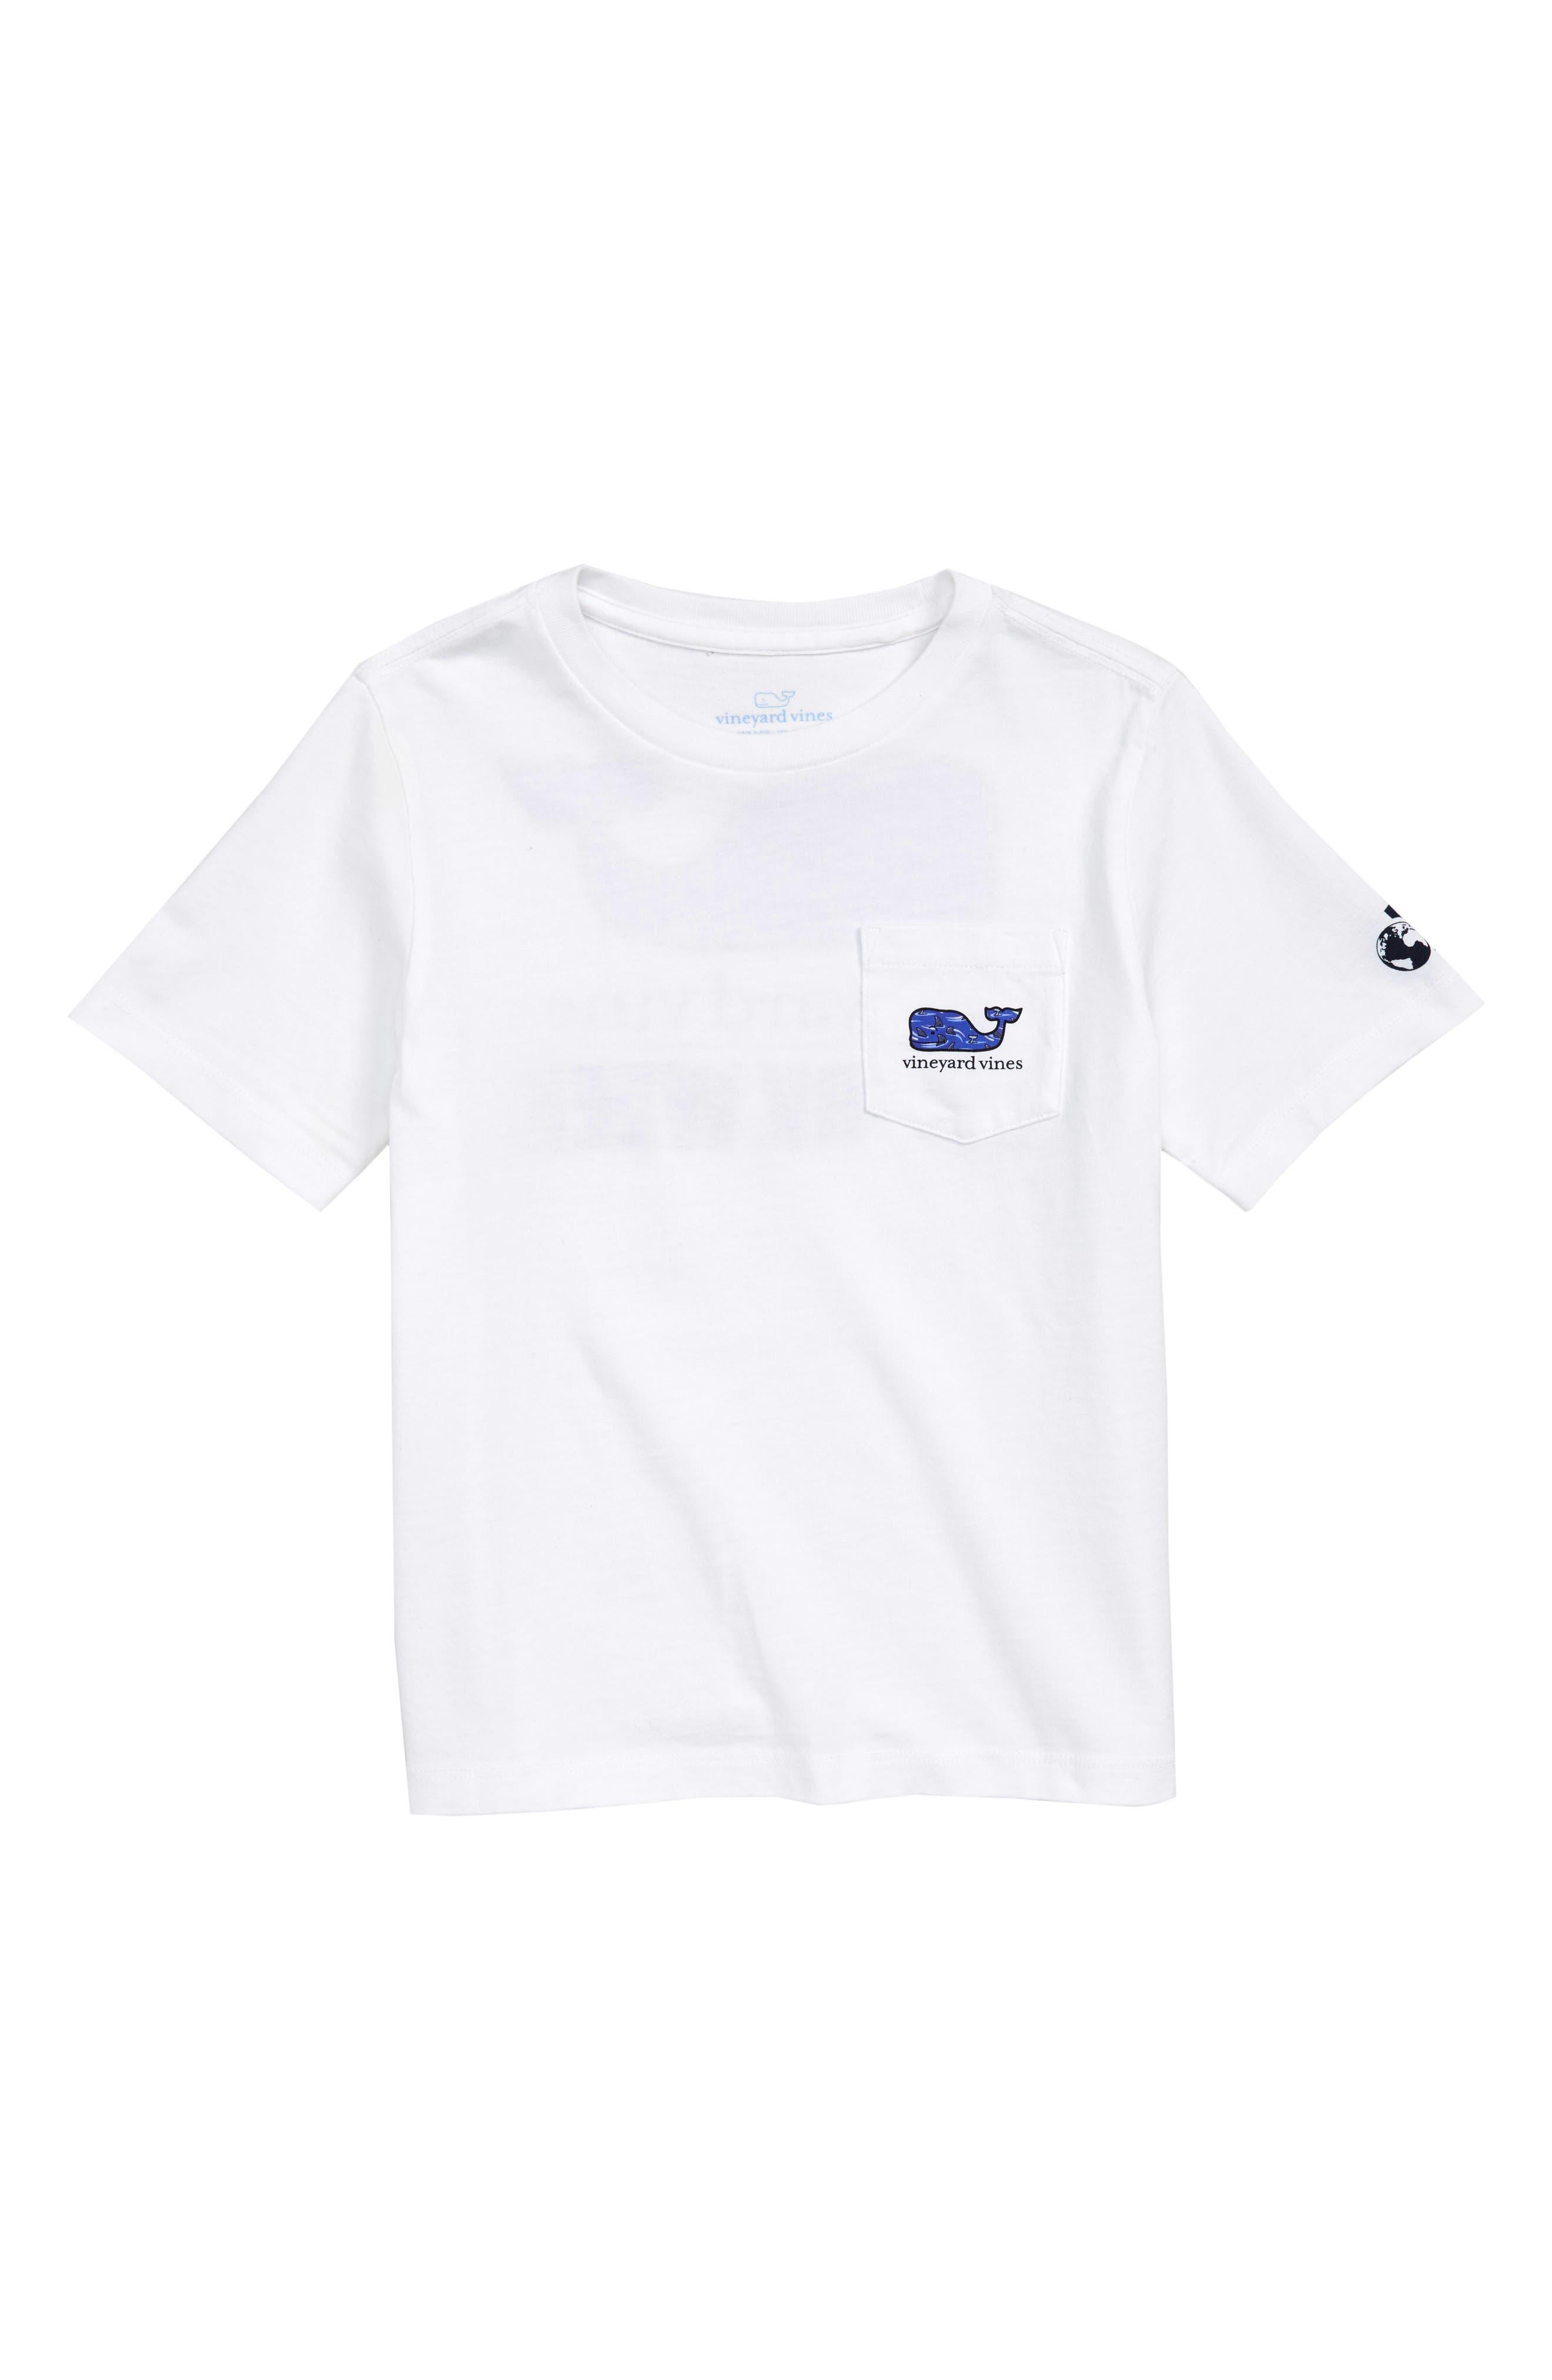 x Shark Week<sup>™</sup> Circling Sharks Pocket T-Shirt,                             Main thumbnail 1, color,                             100